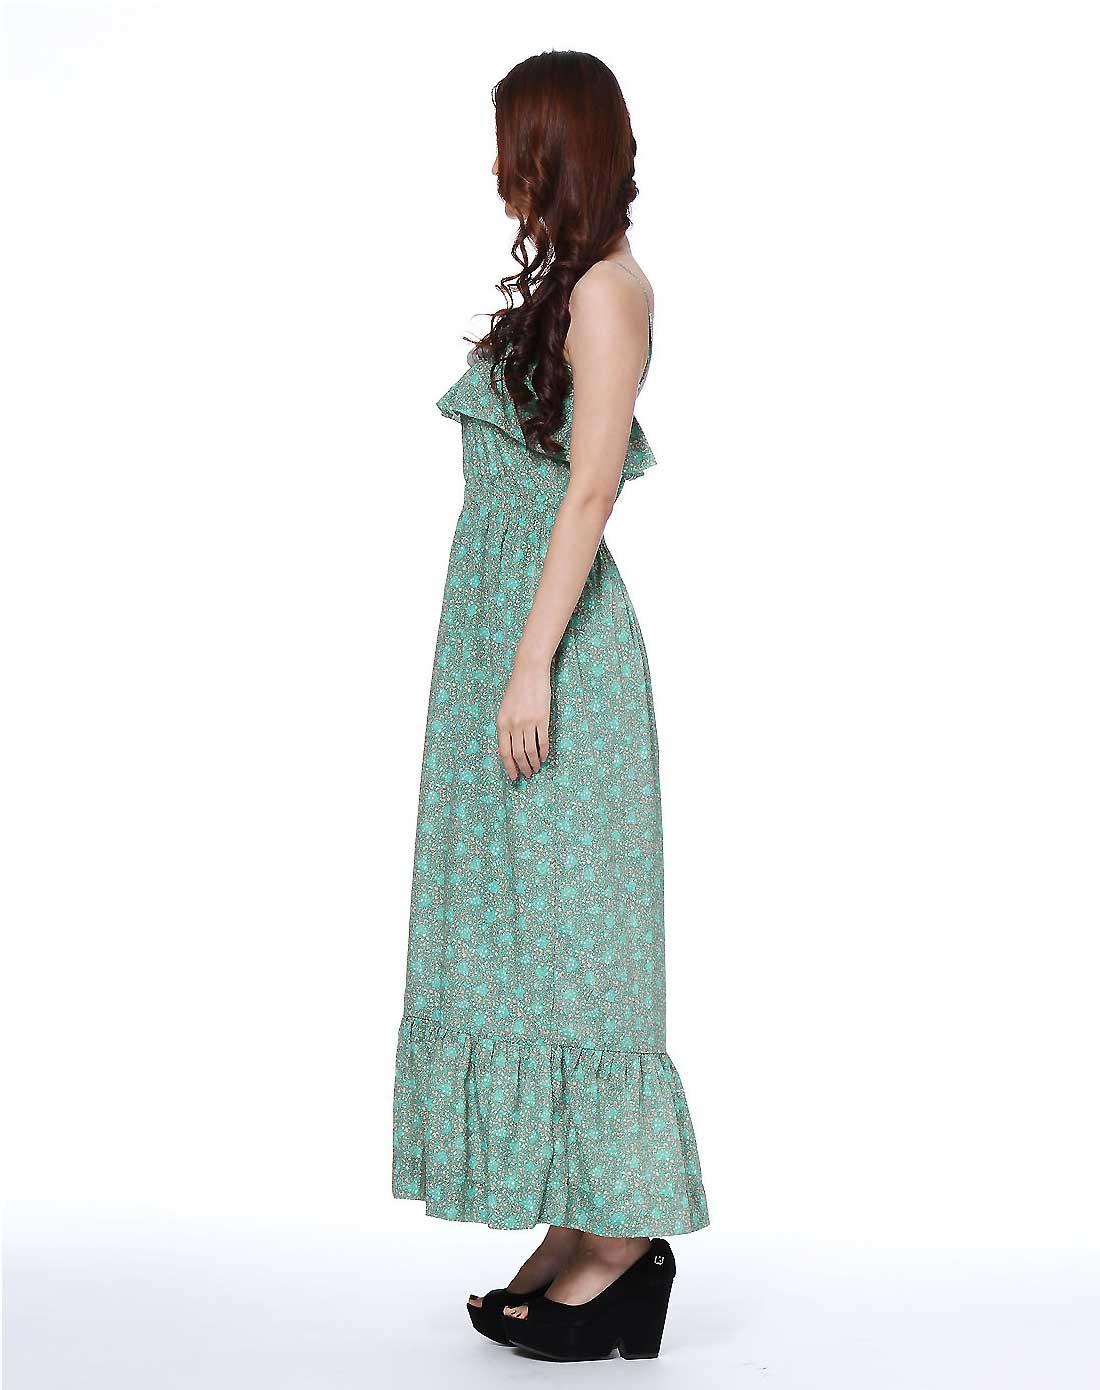 薄荷绿色花纹优雅吊带连衣长裙